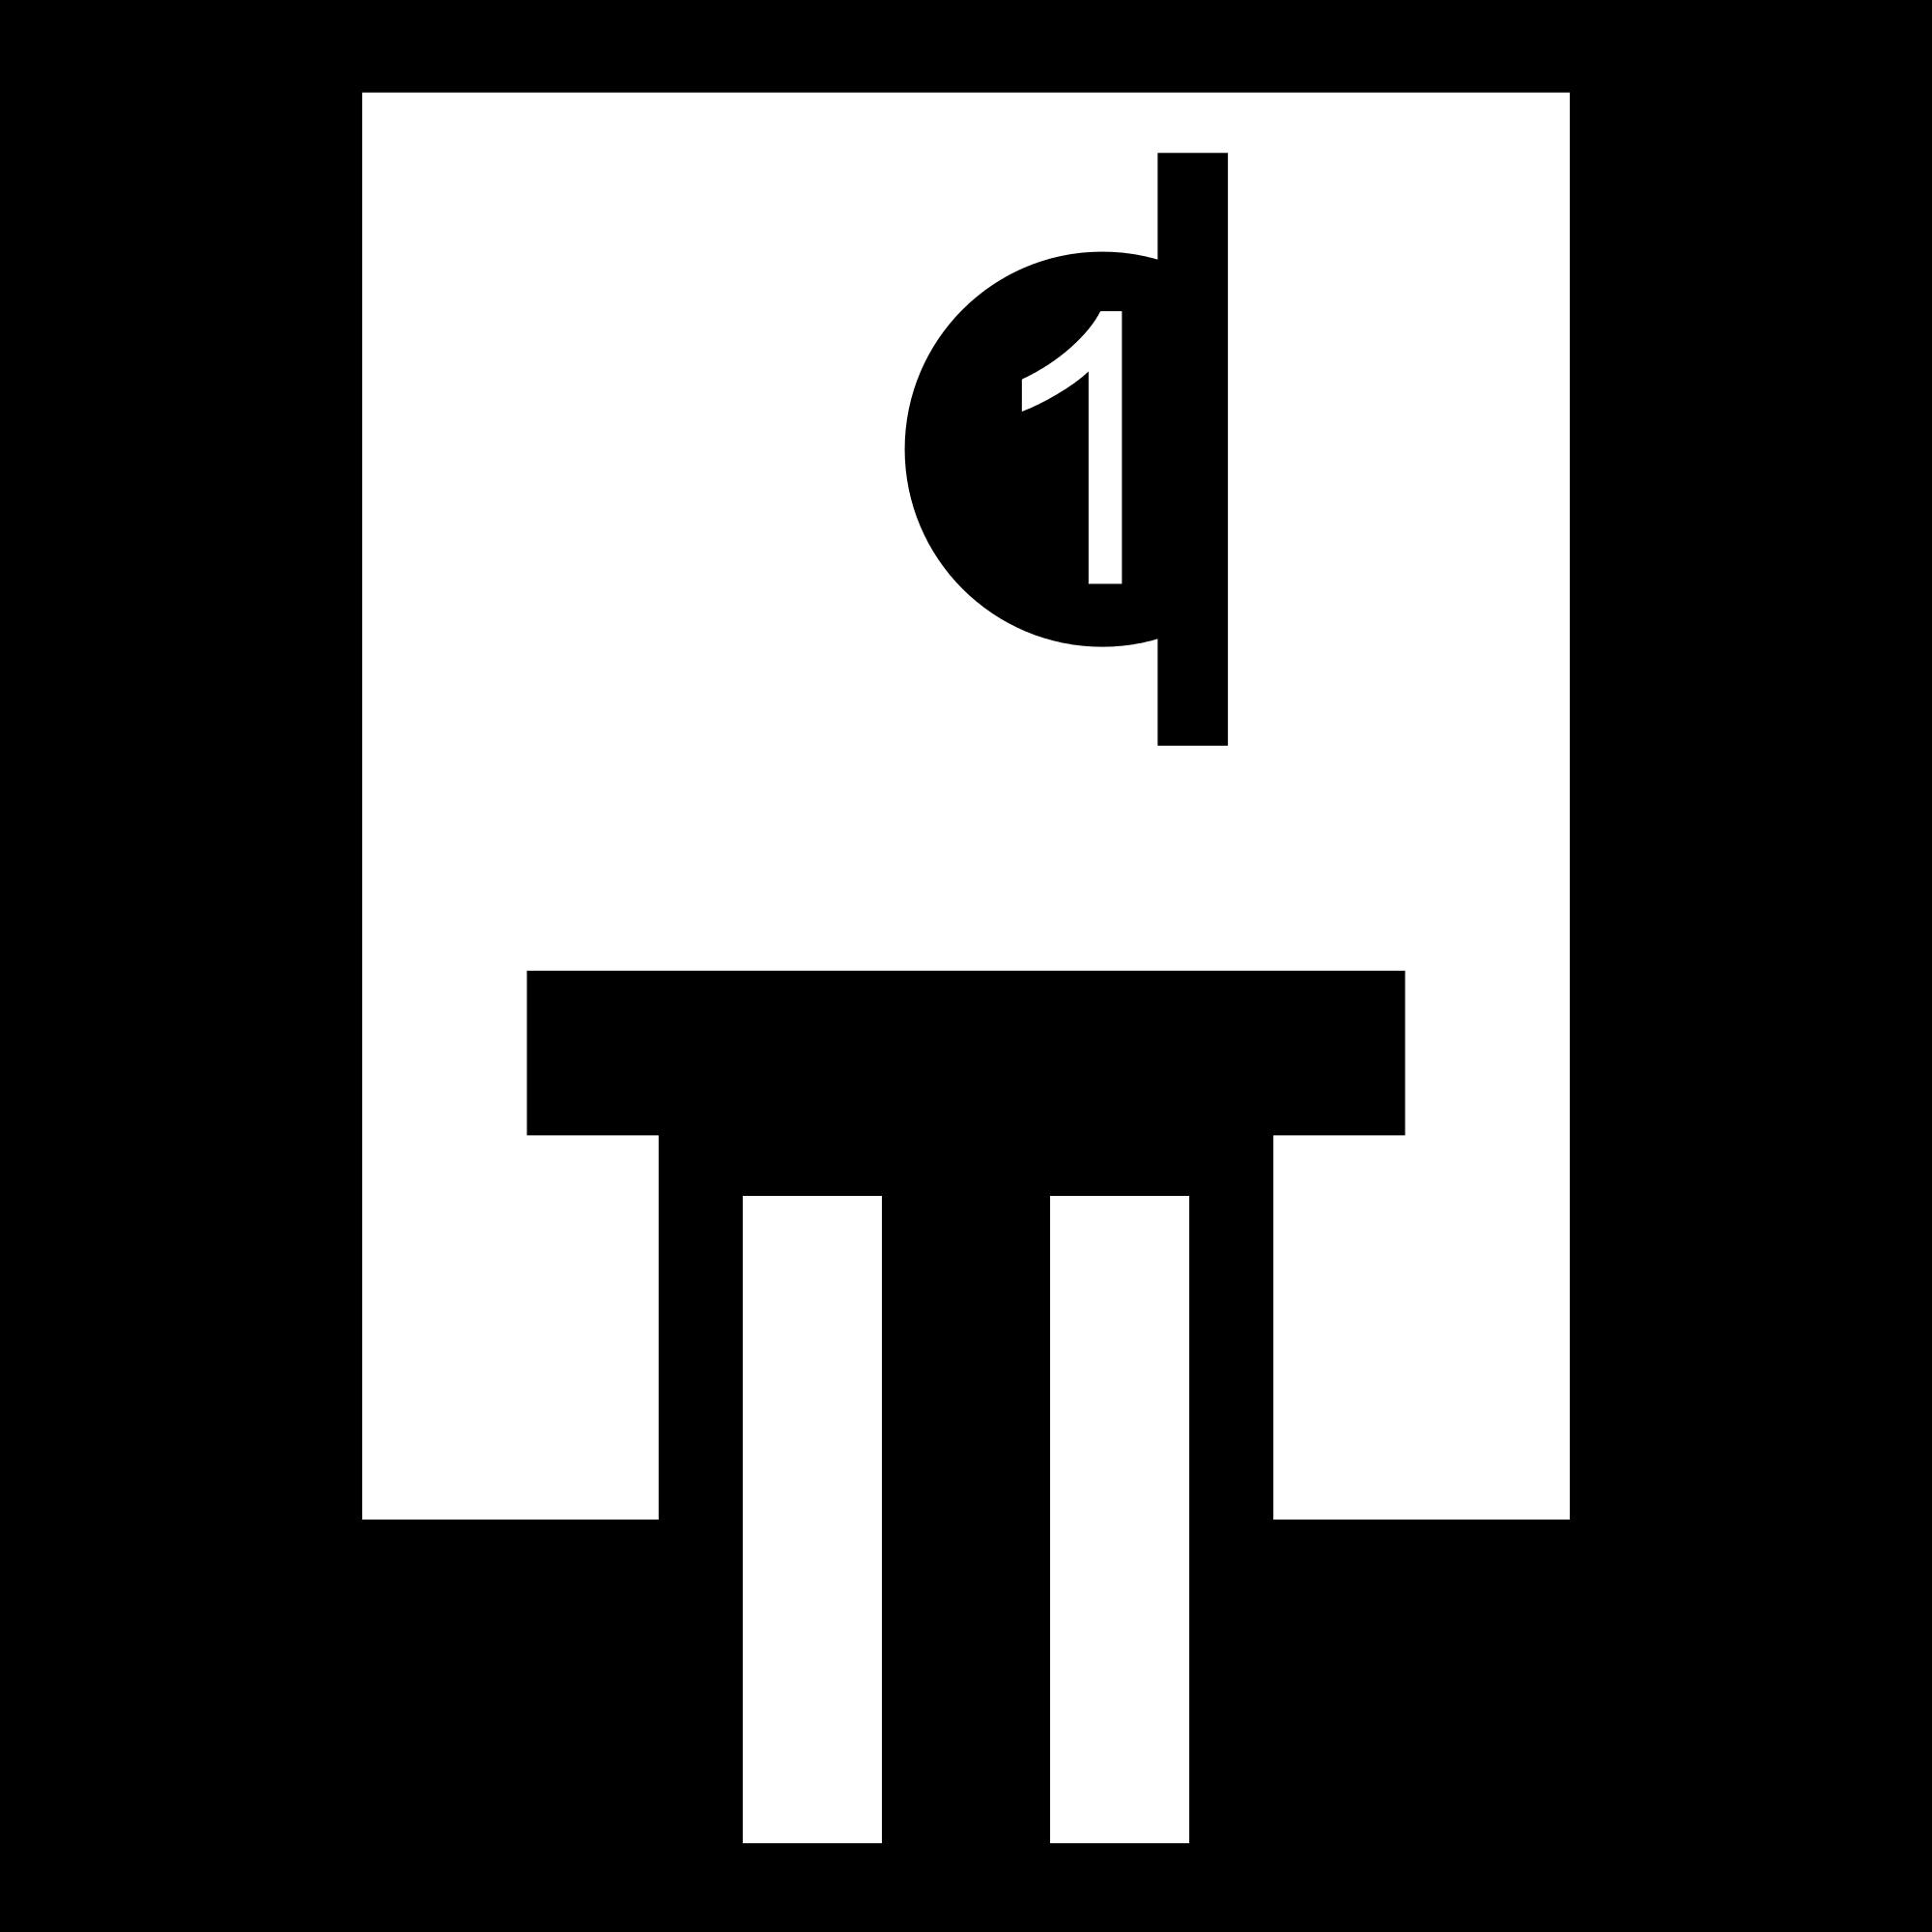 Ticket clipart svg. File machine icon wikimedia